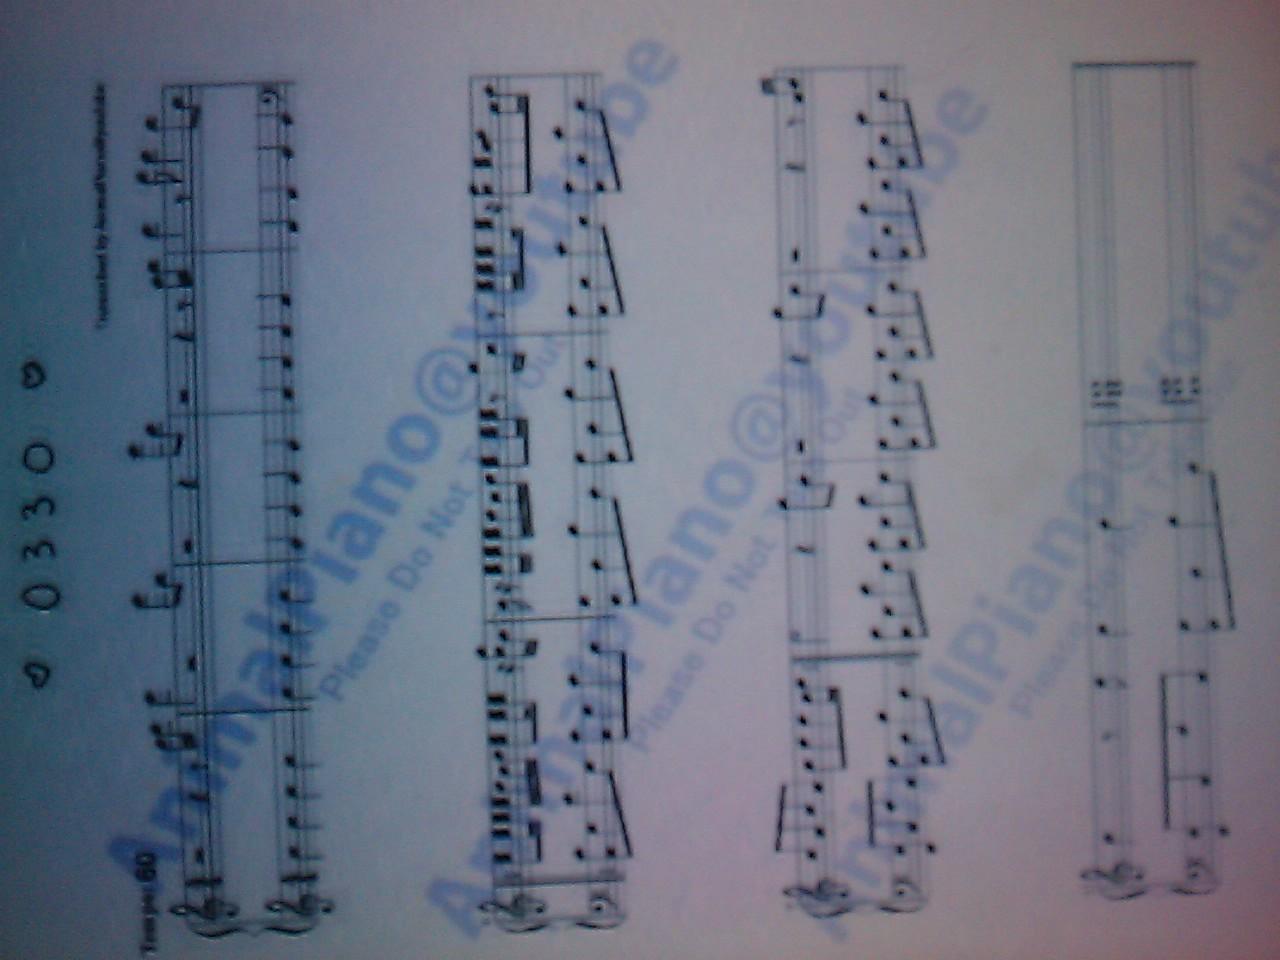 前奏钢琴曲的铃声图片